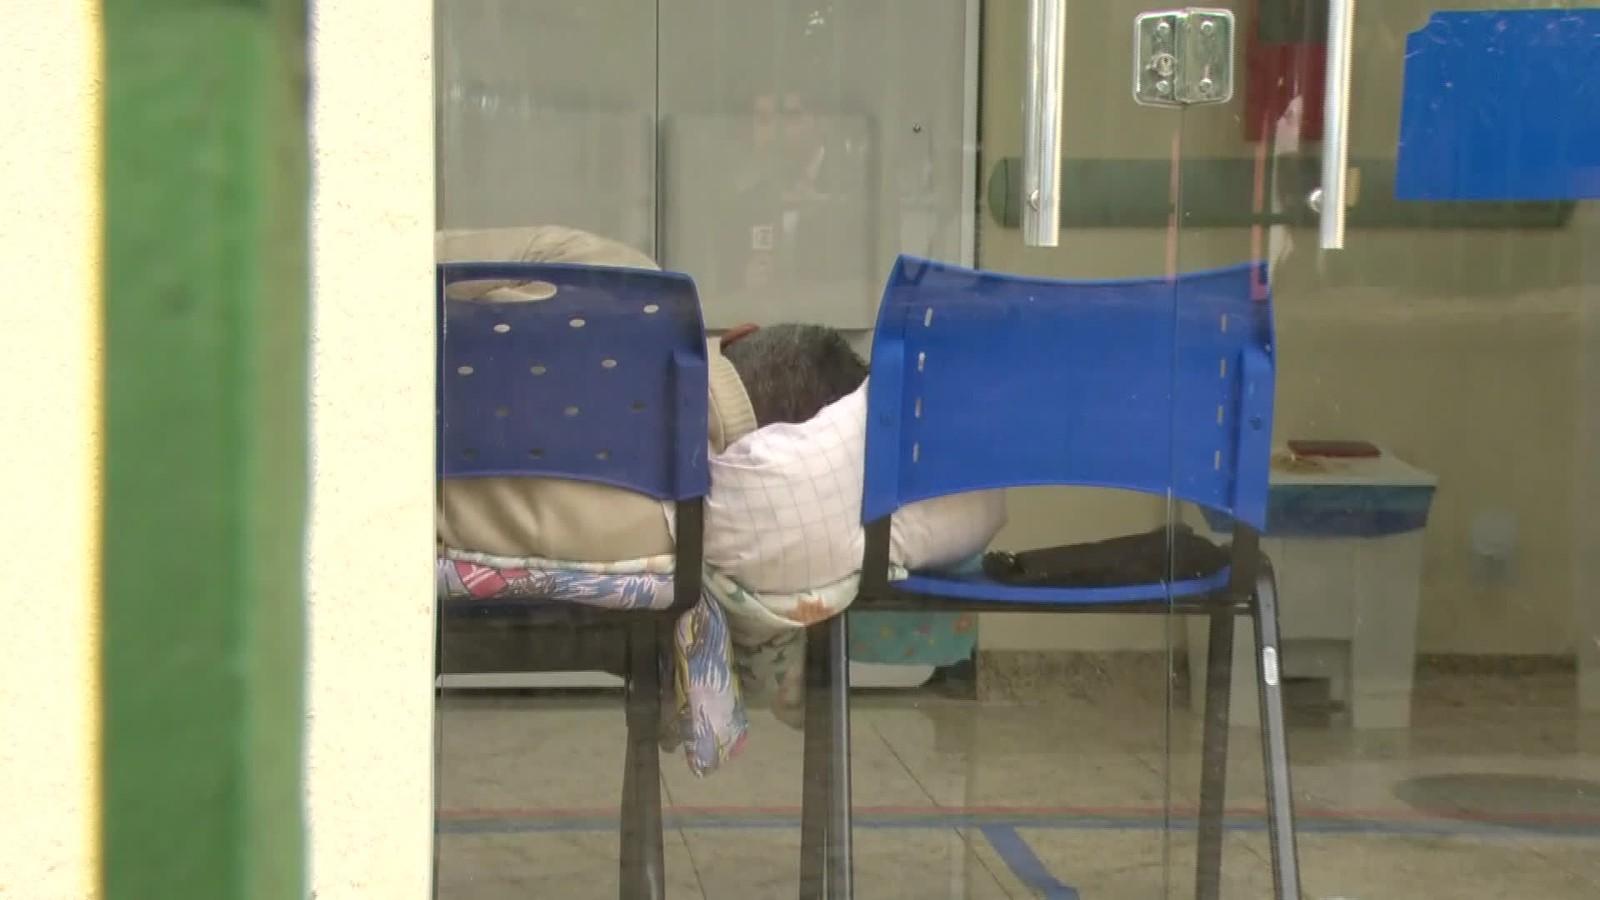 Pacientes com câncer são internados em cadeiras de plástico no RJ